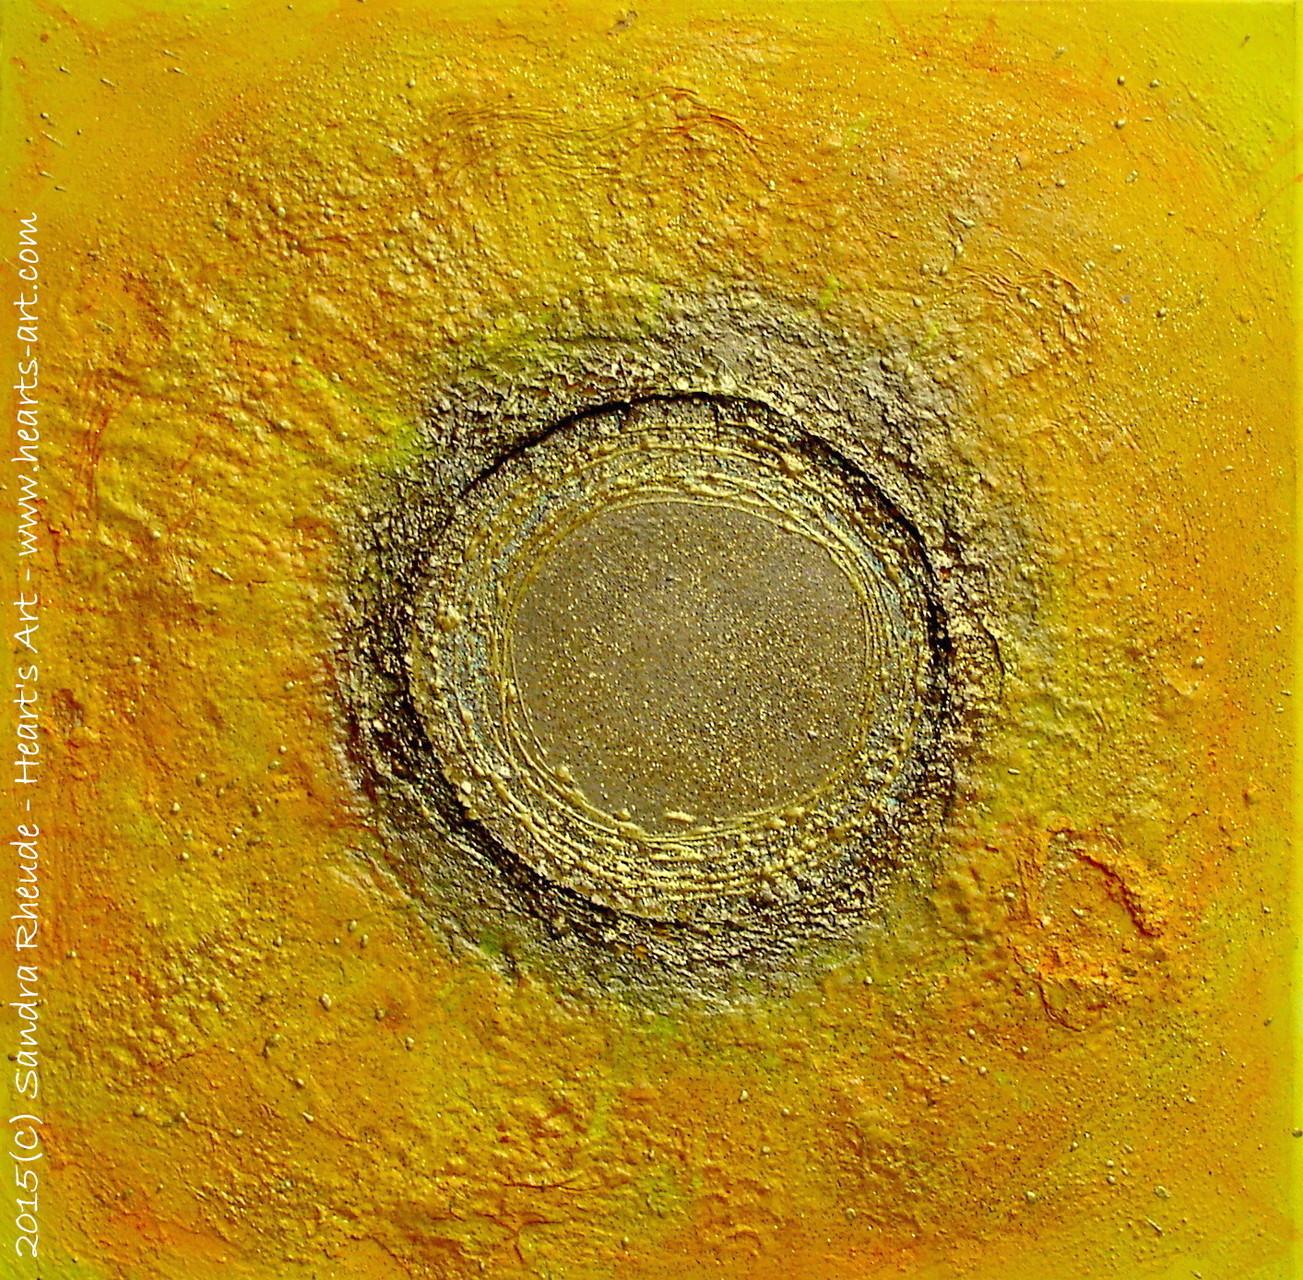 'Goldenes Jetzt' - 2015/4 - Acryl/MixedMedia auf Leinwand - 50 x 50 cm - € 220